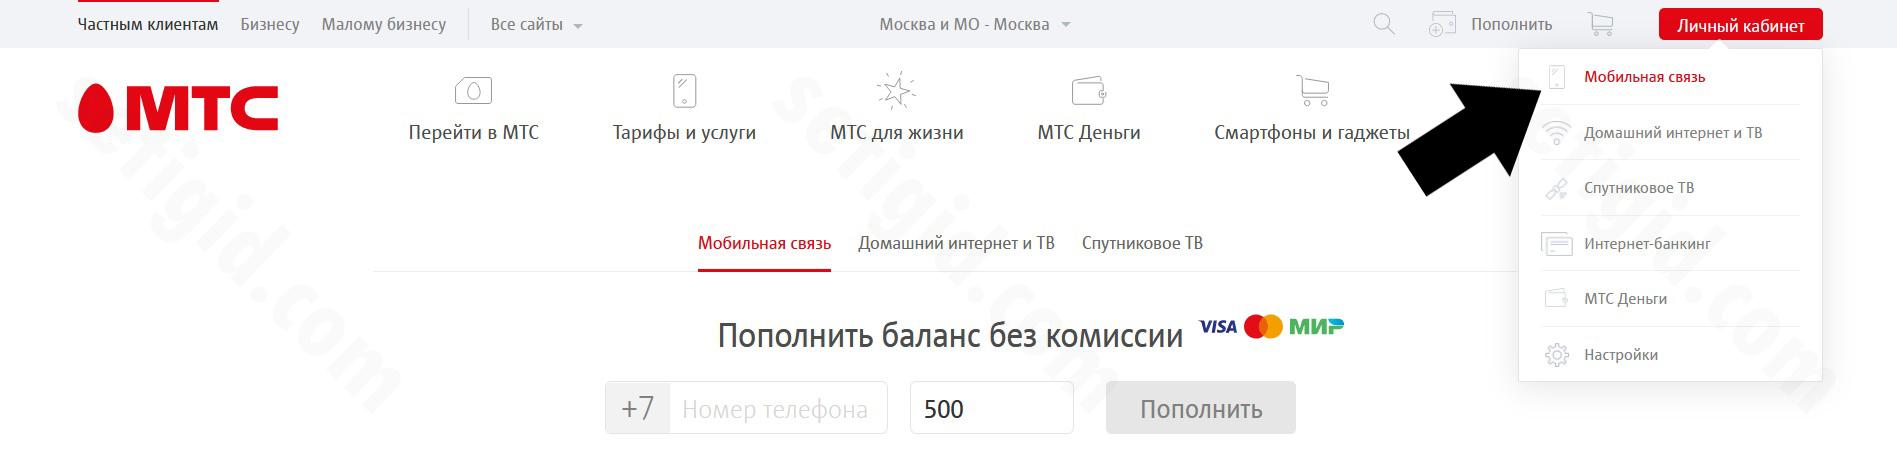 MTS_LK_1.jpg